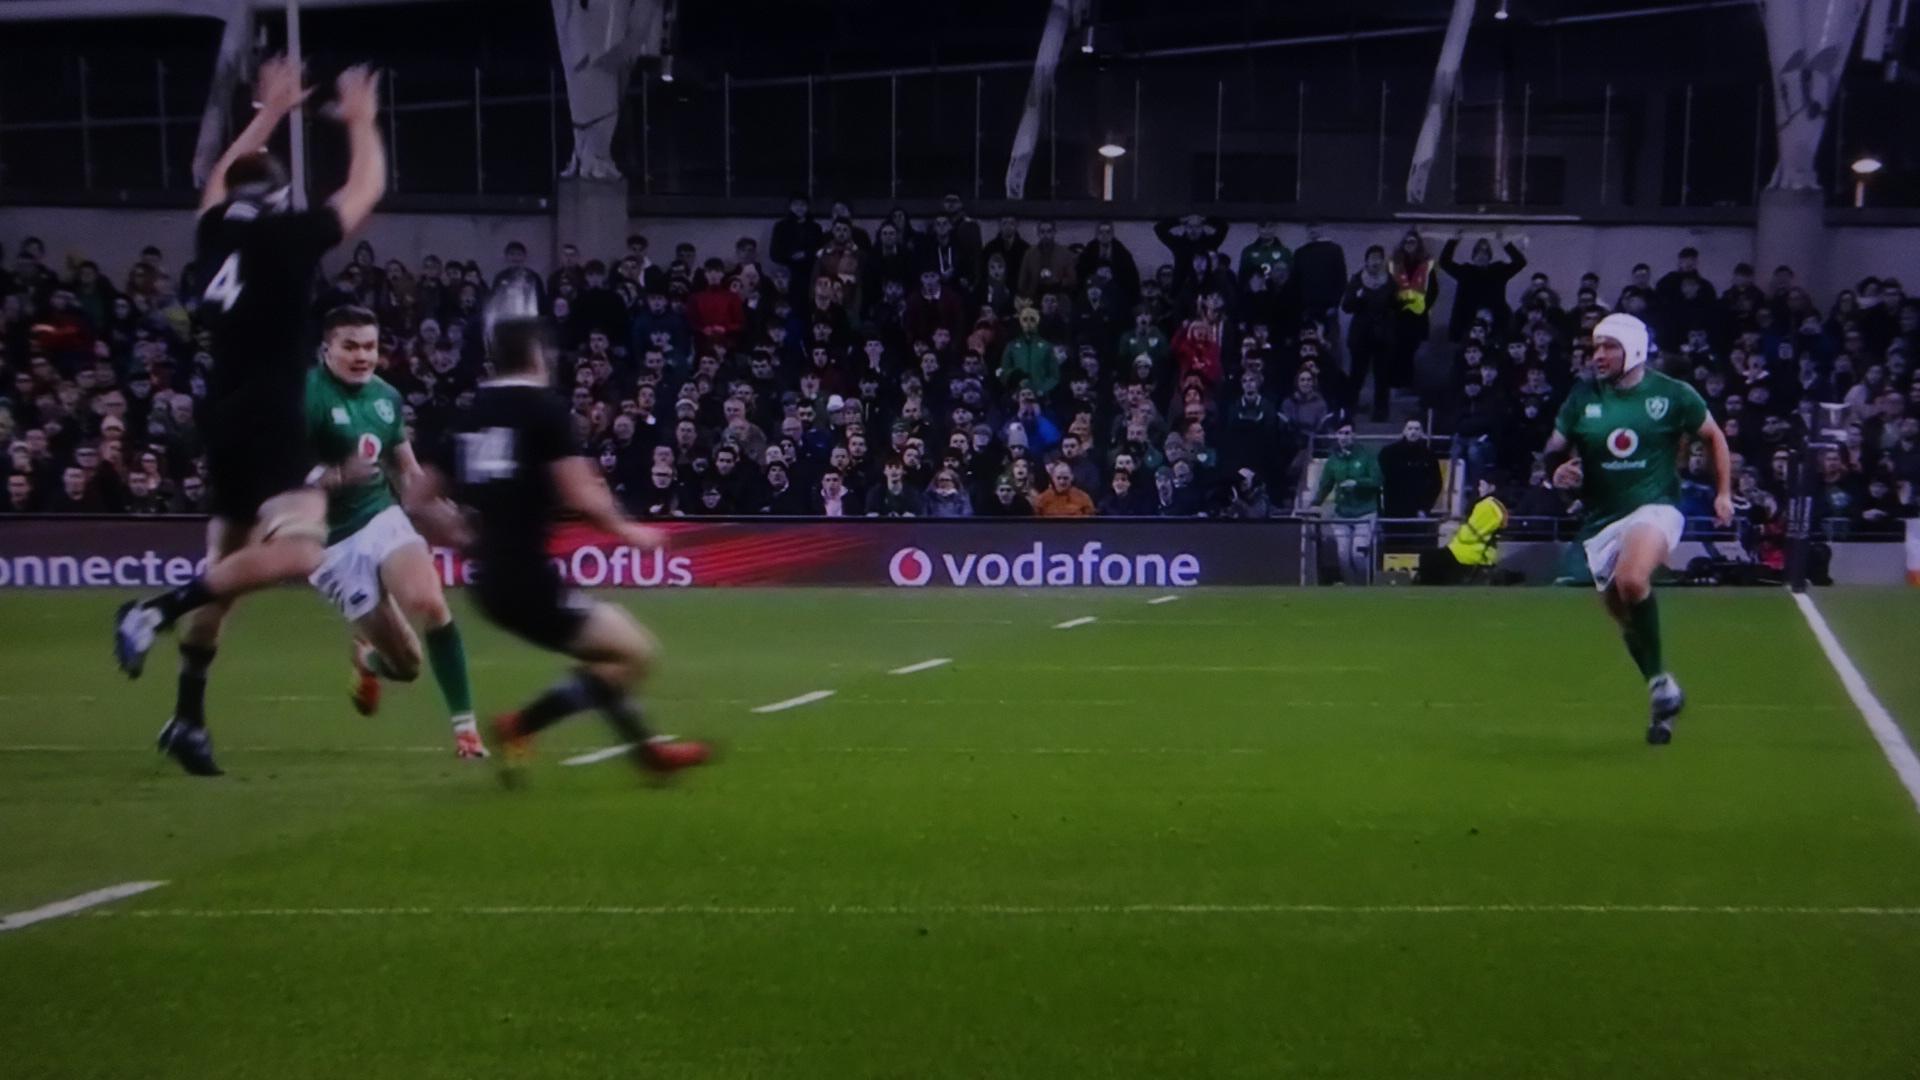 小さなパントを上げるアイルランド選手